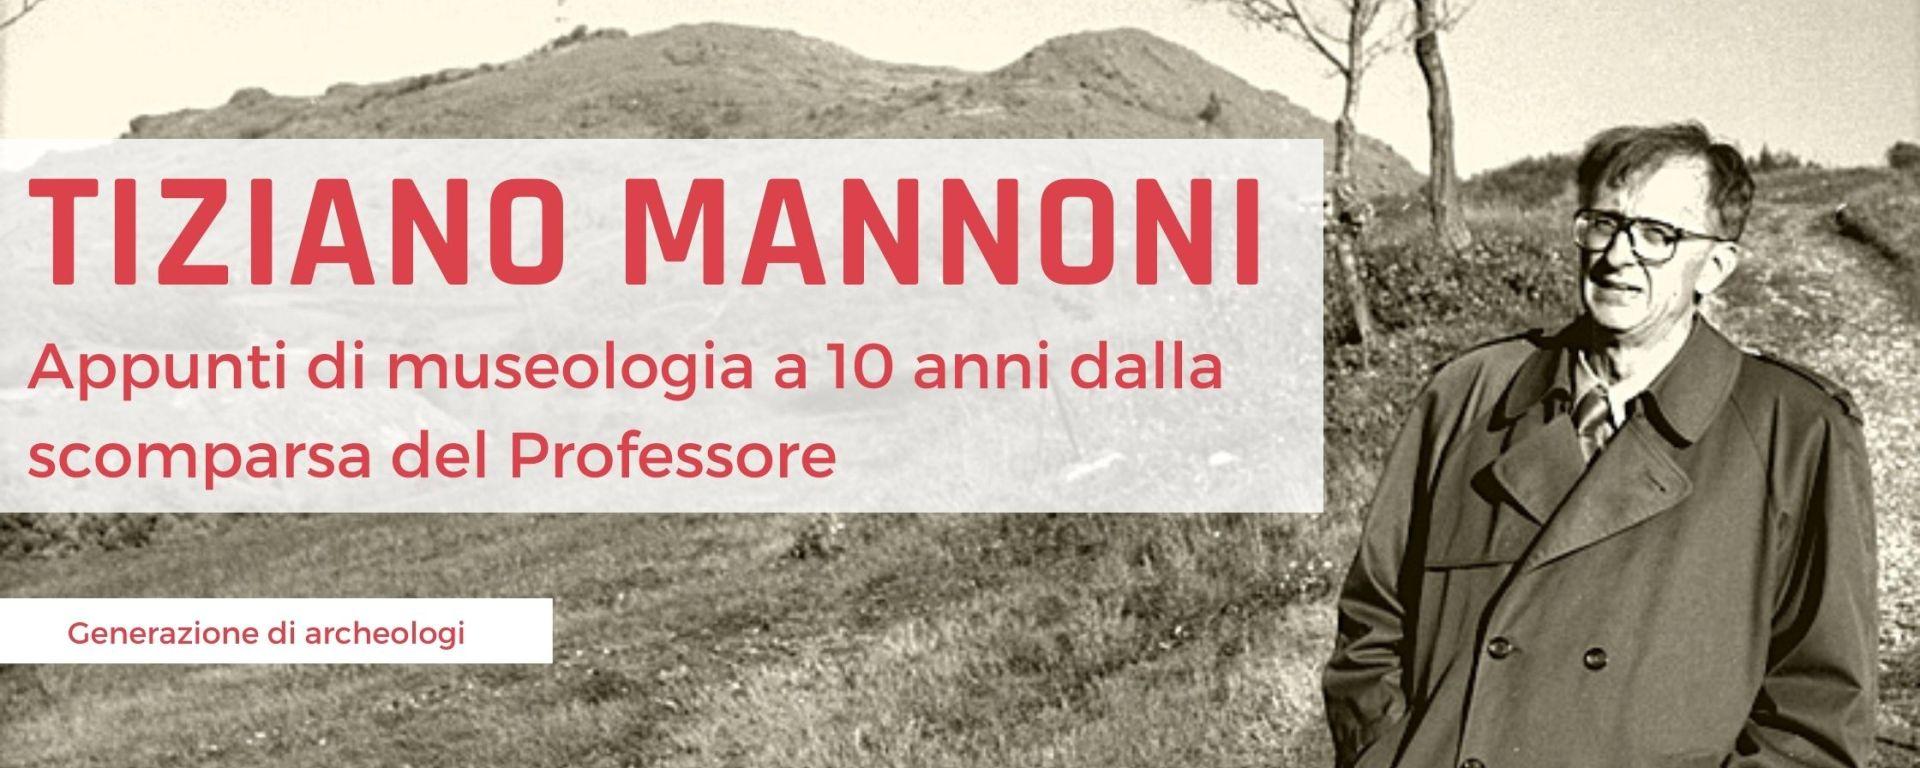 Tiziano Mannoni